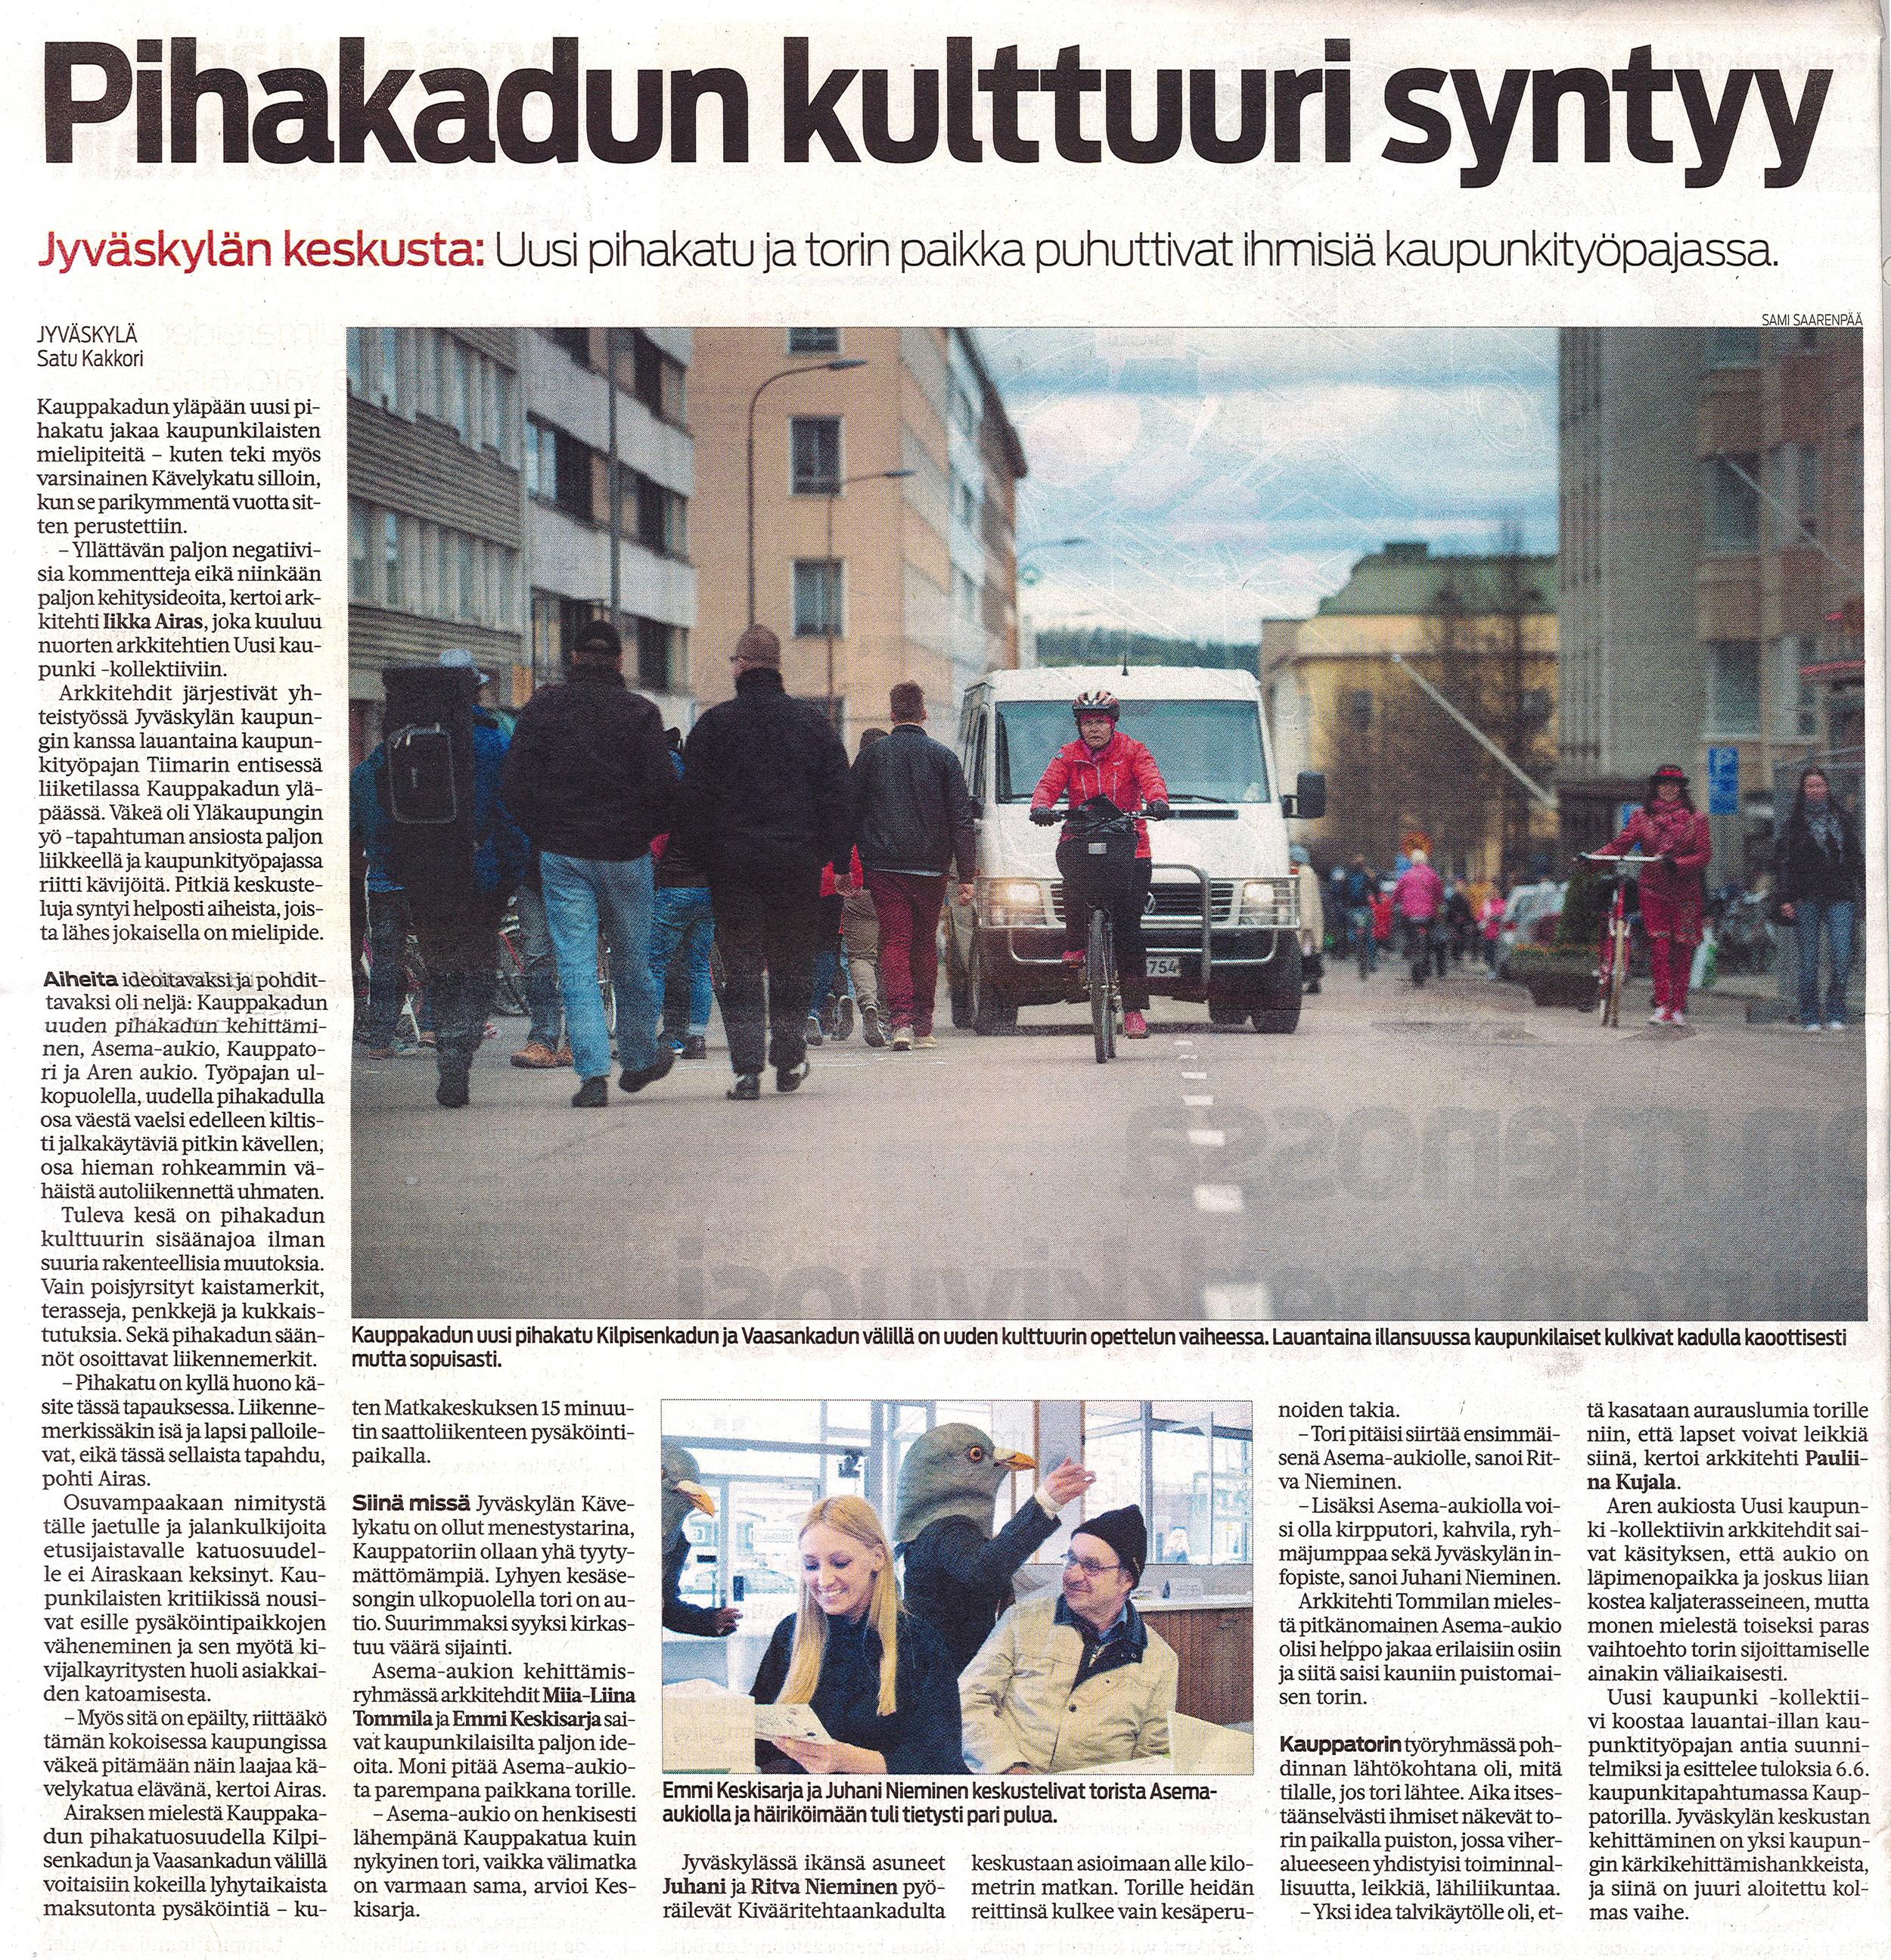 Jyväskylä region magazine Keskisuomalainen covers our workshop day.